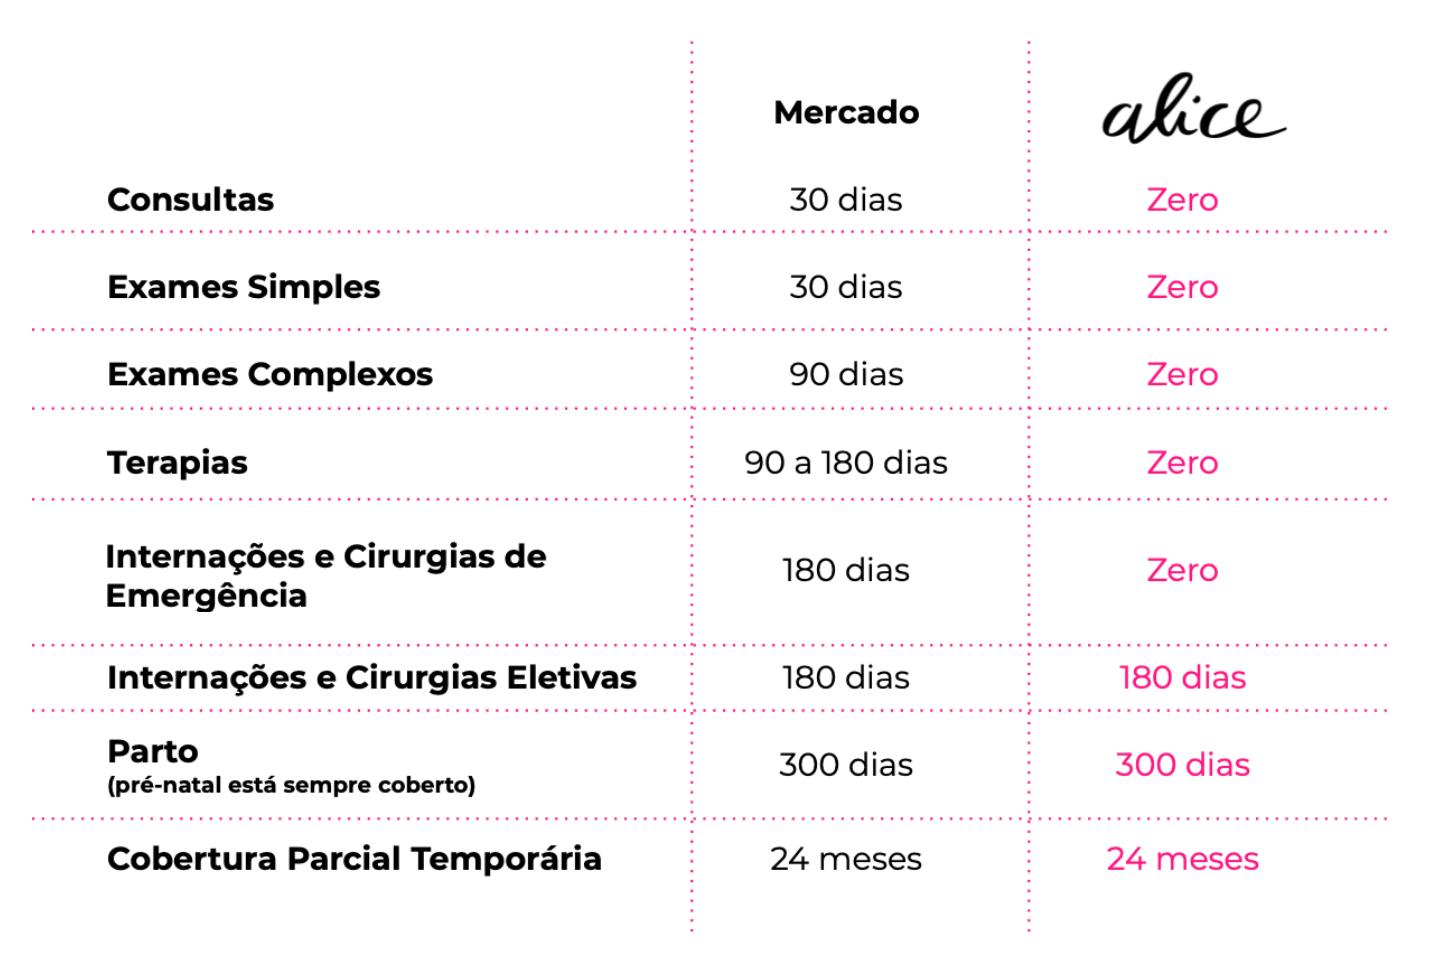 Tabela mostra diferença entre carência na gestora de saúde Alice e um plano tradicional